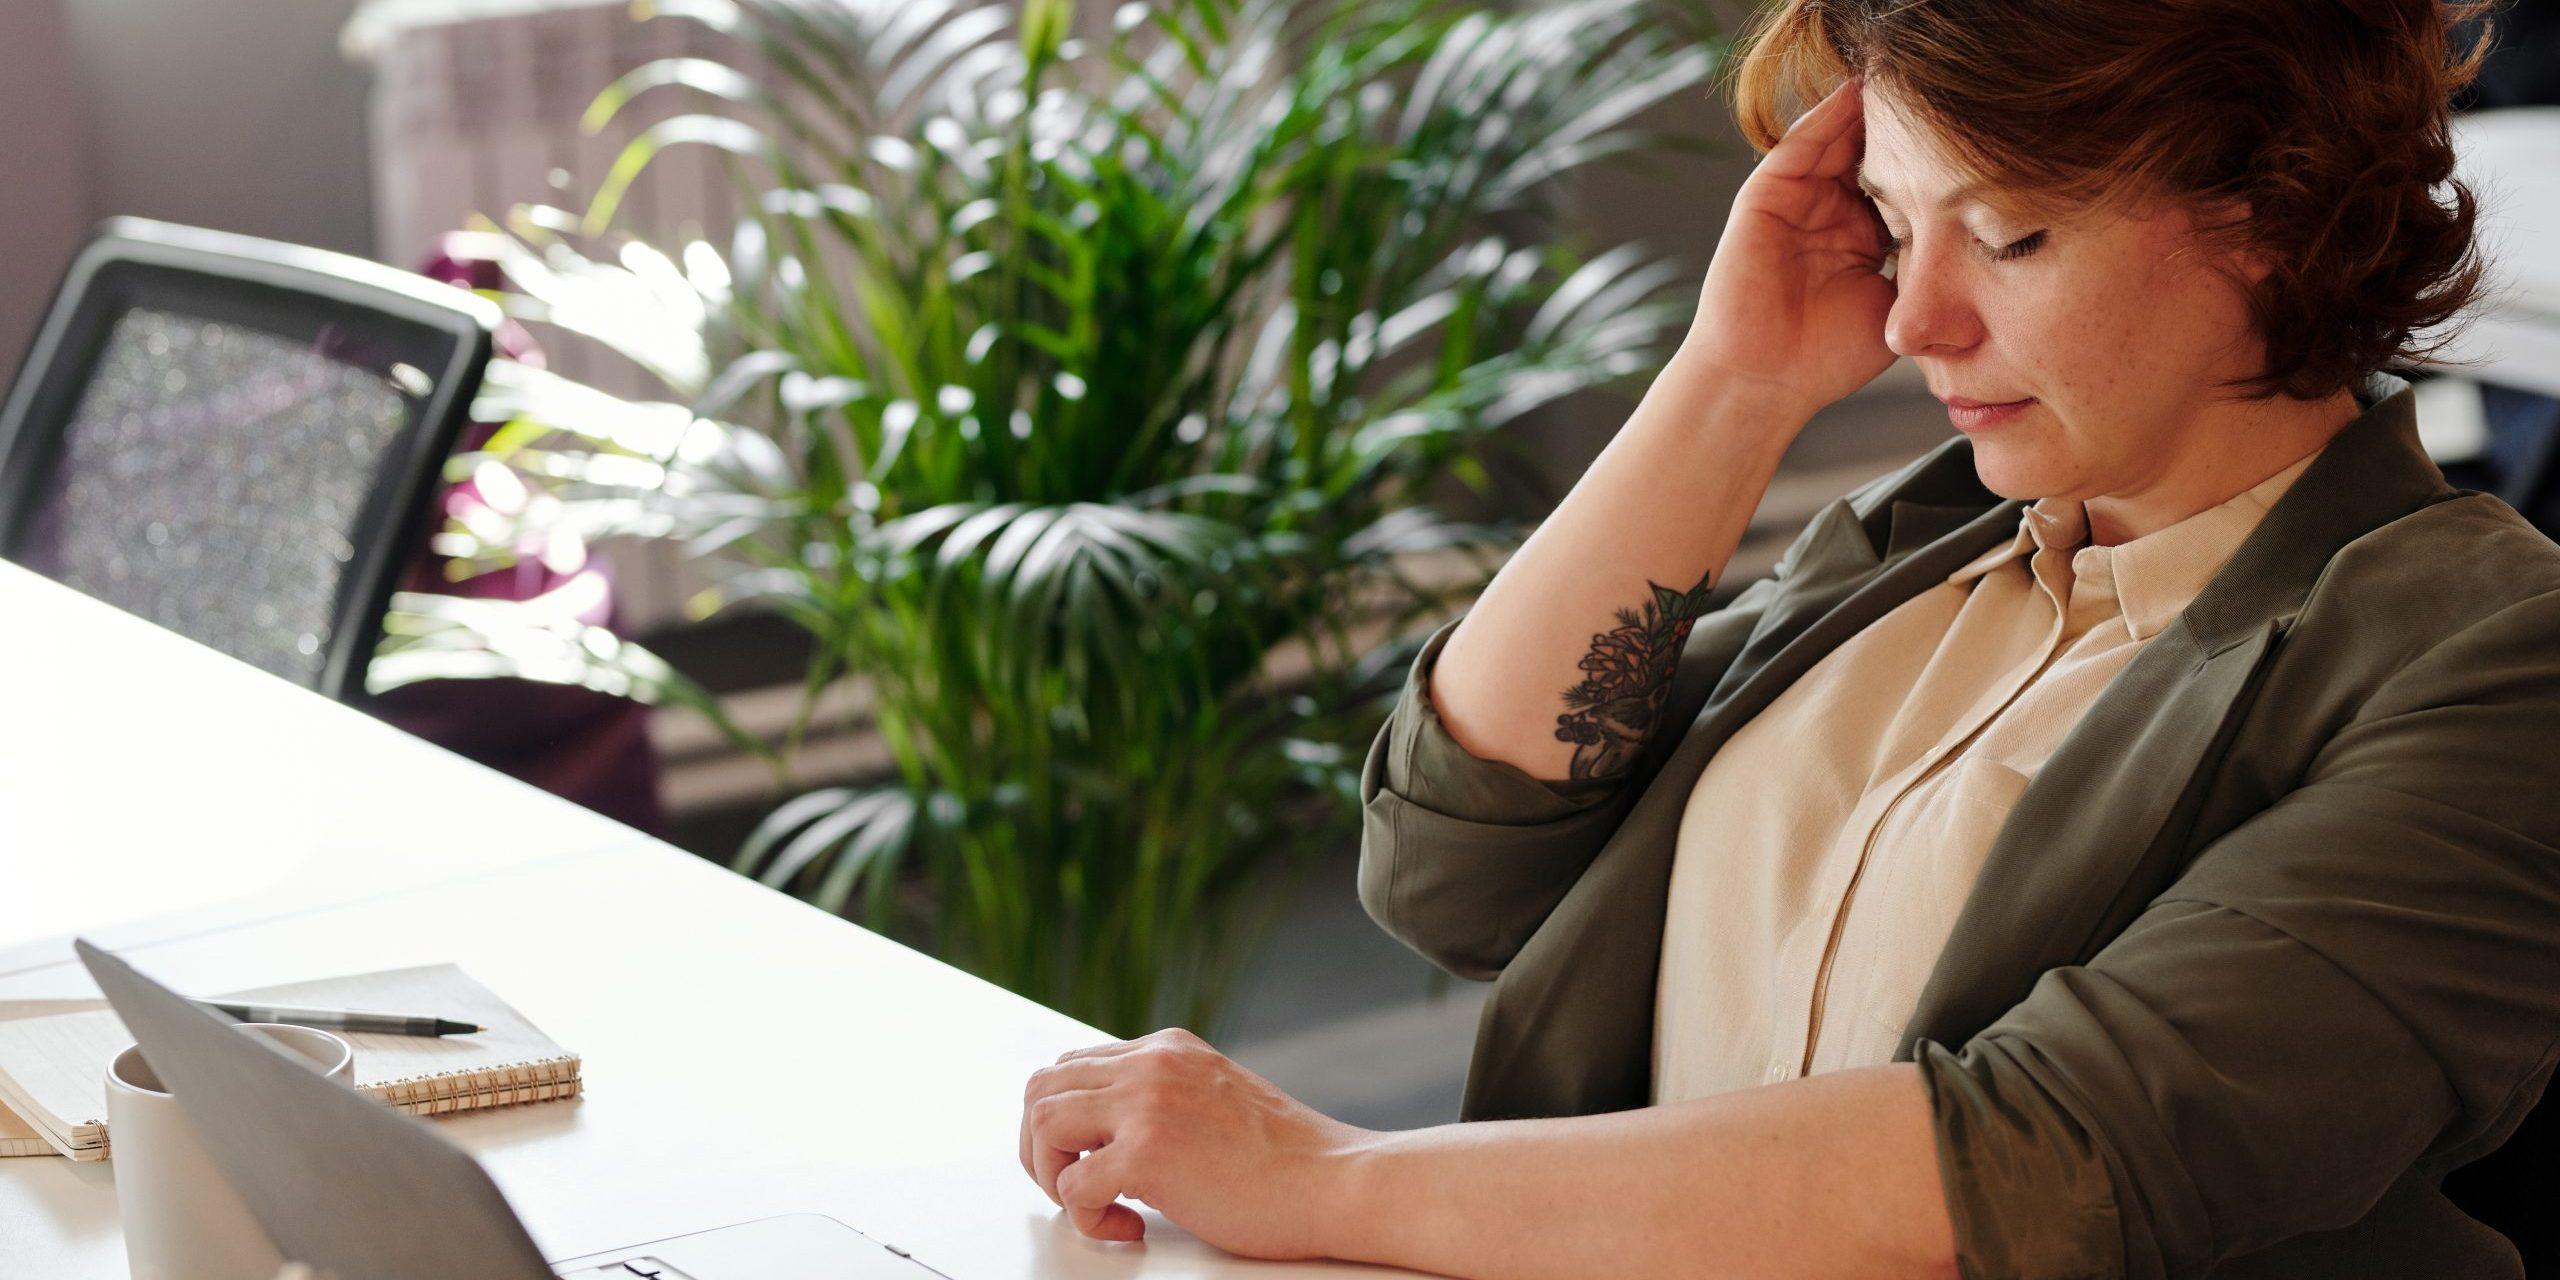 """Sai lầm quản lý công việc – 5 điều CEO cần """"phòng tránh"""" ngay!"""